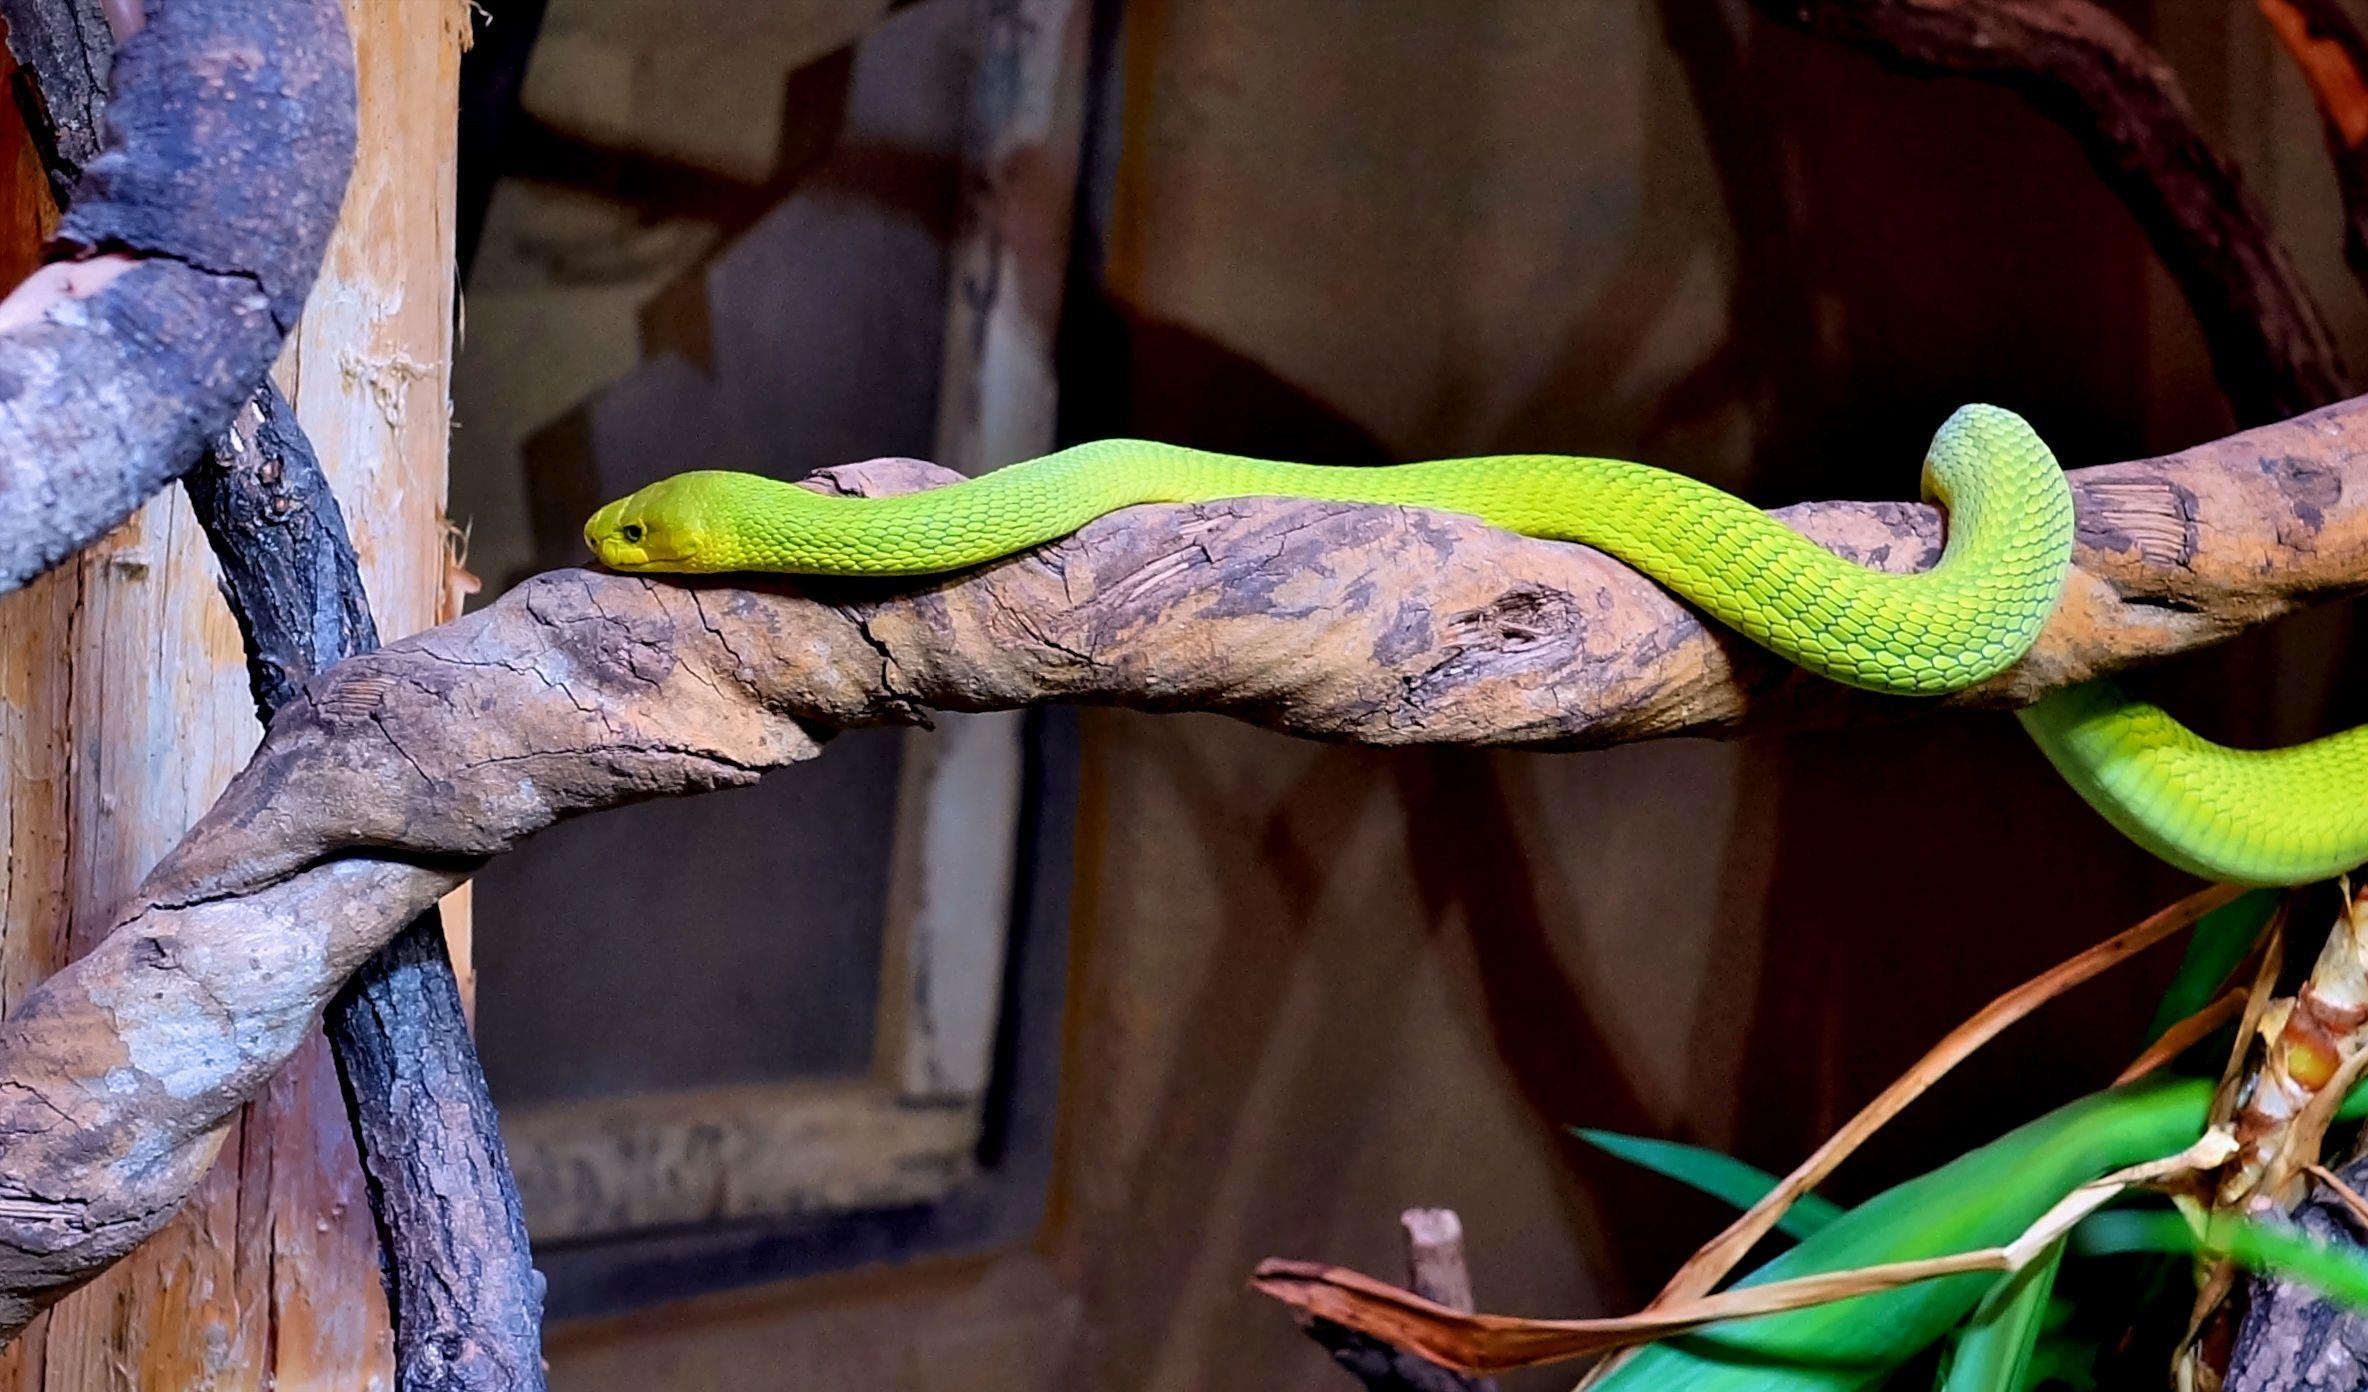 hình ảnh : thiên nhiên, chi nhánh, thú vật, màu xanh lá, Bò sát, tỉ lệ, Con rắn xanh, chất độc, con rắn, Sinh vật, thế giới động vật, Trò chơi màu, ...